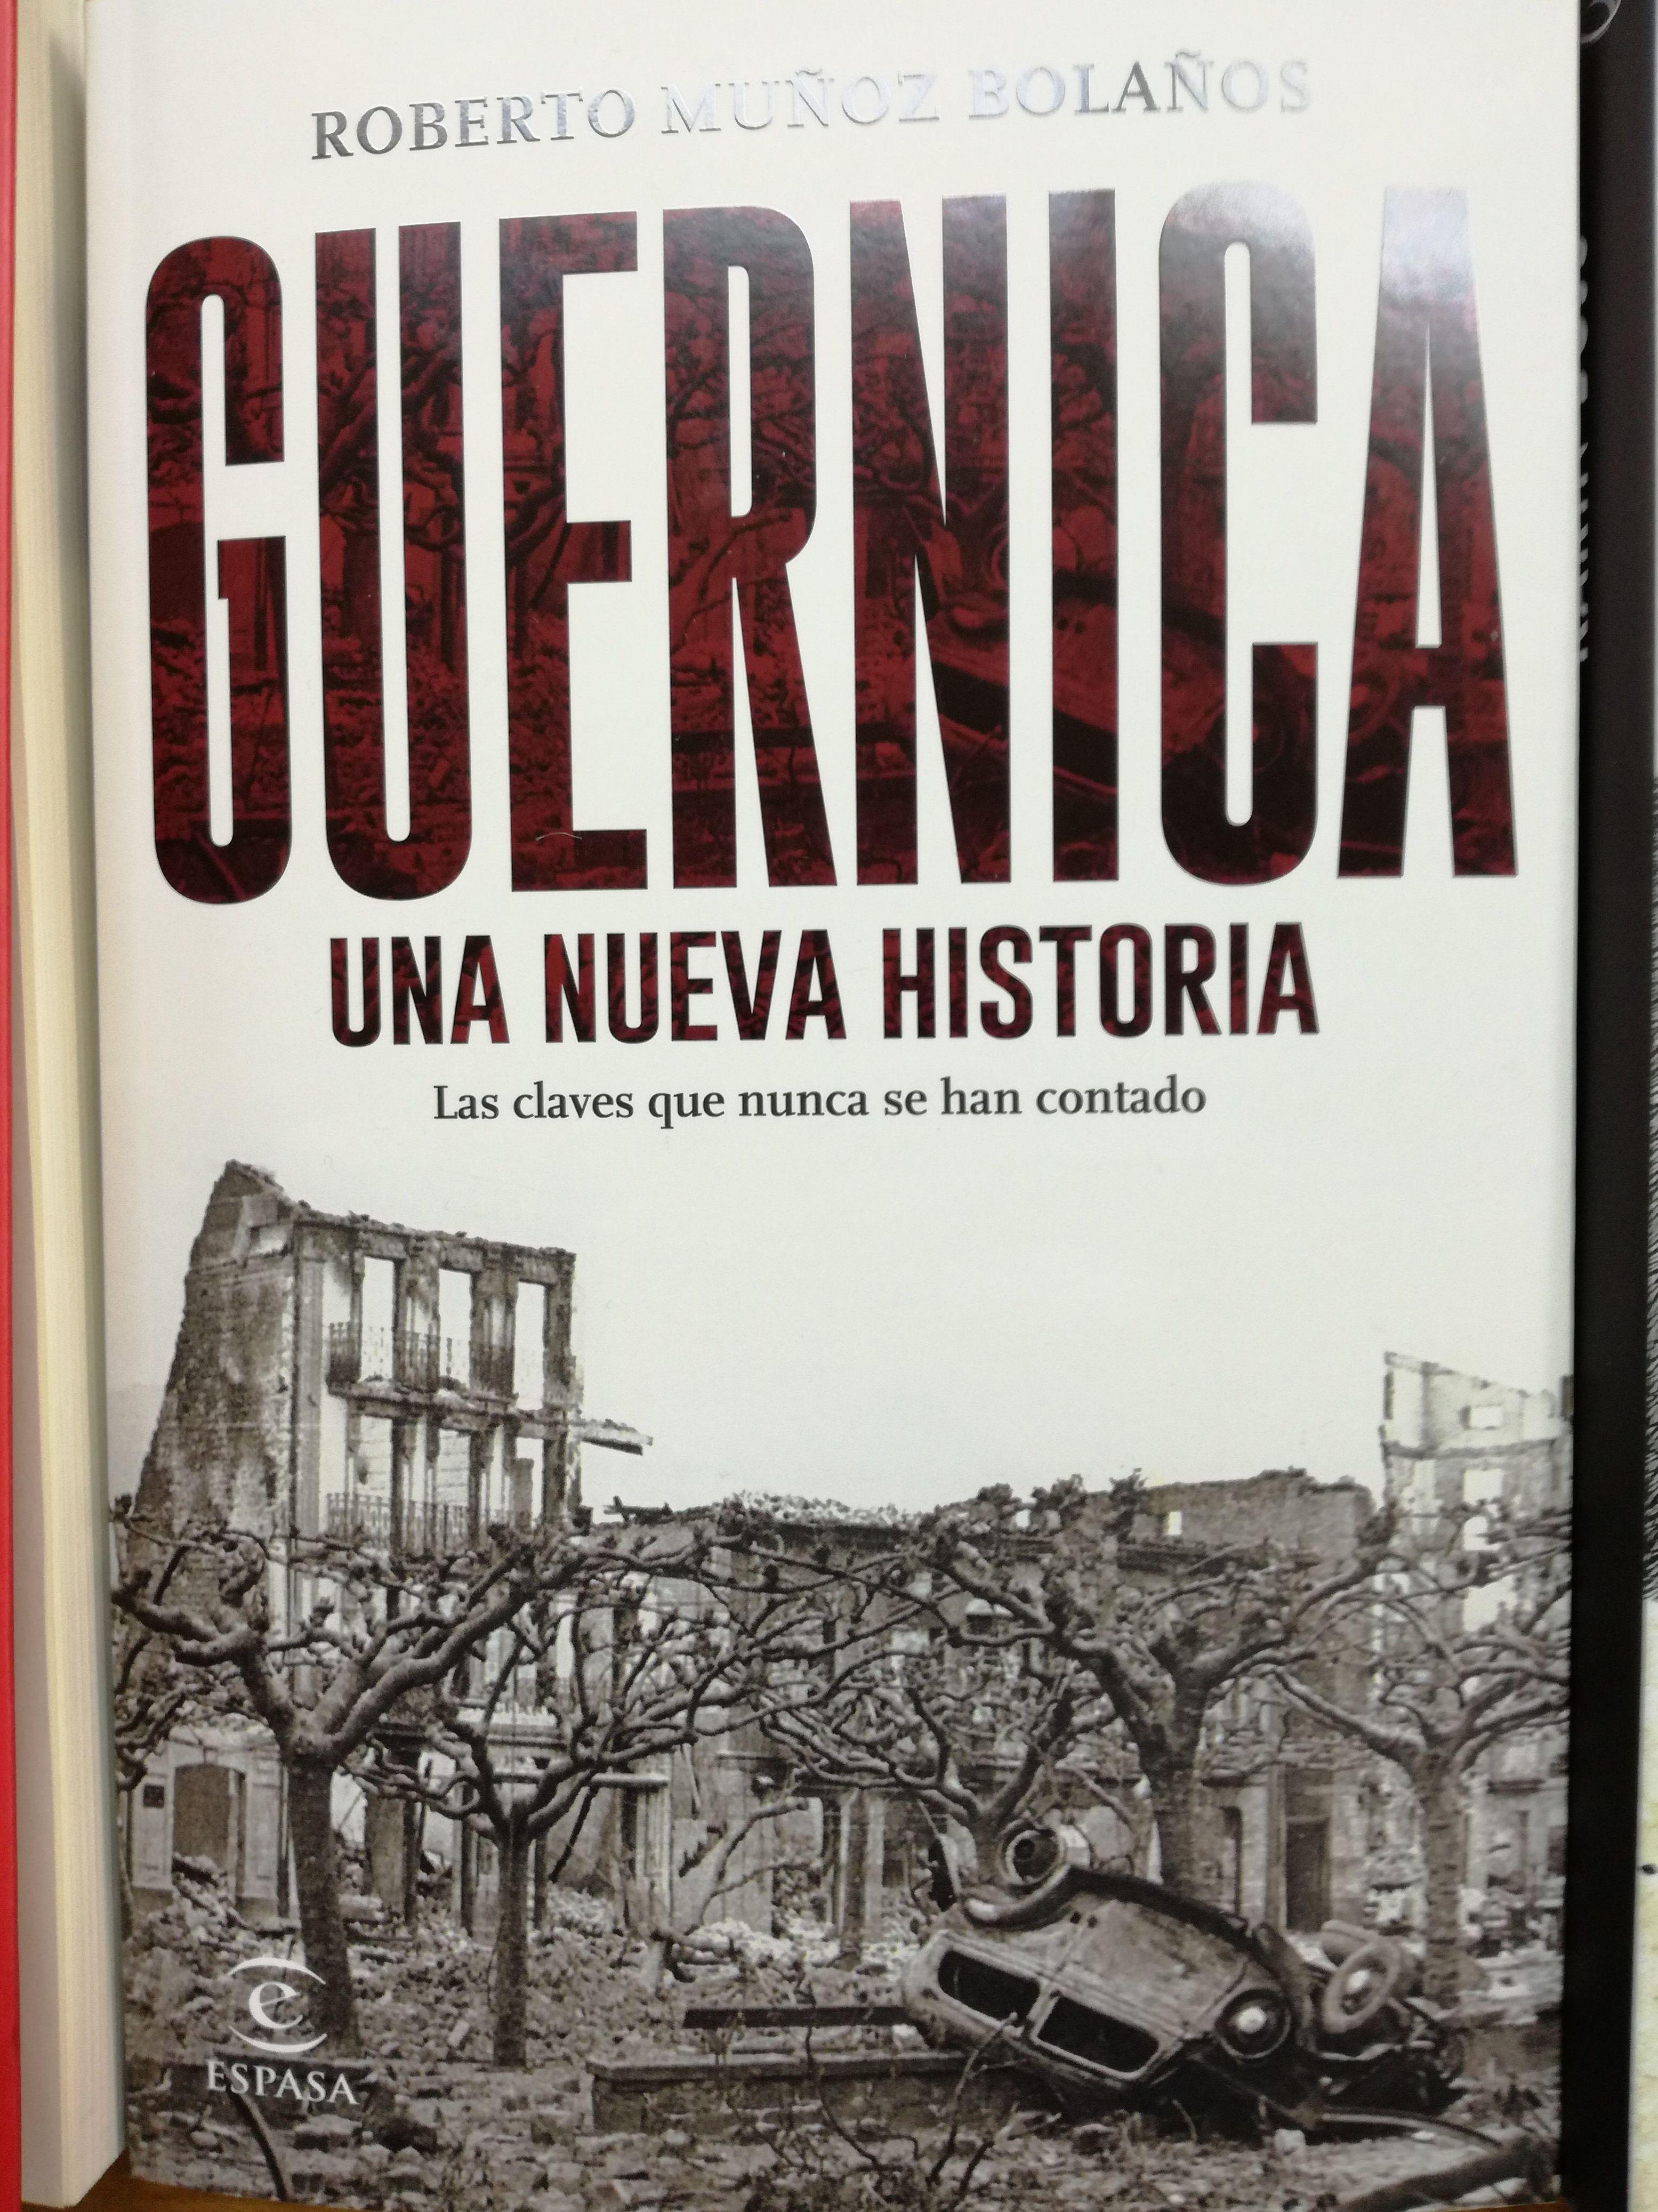 GUERNICA, UNA NUEVA HISTORIA: LAS CLAVES QUE NUNCA SE HAN CONTADO : SECCIONES de Librería Nueva Plaza Universitaria